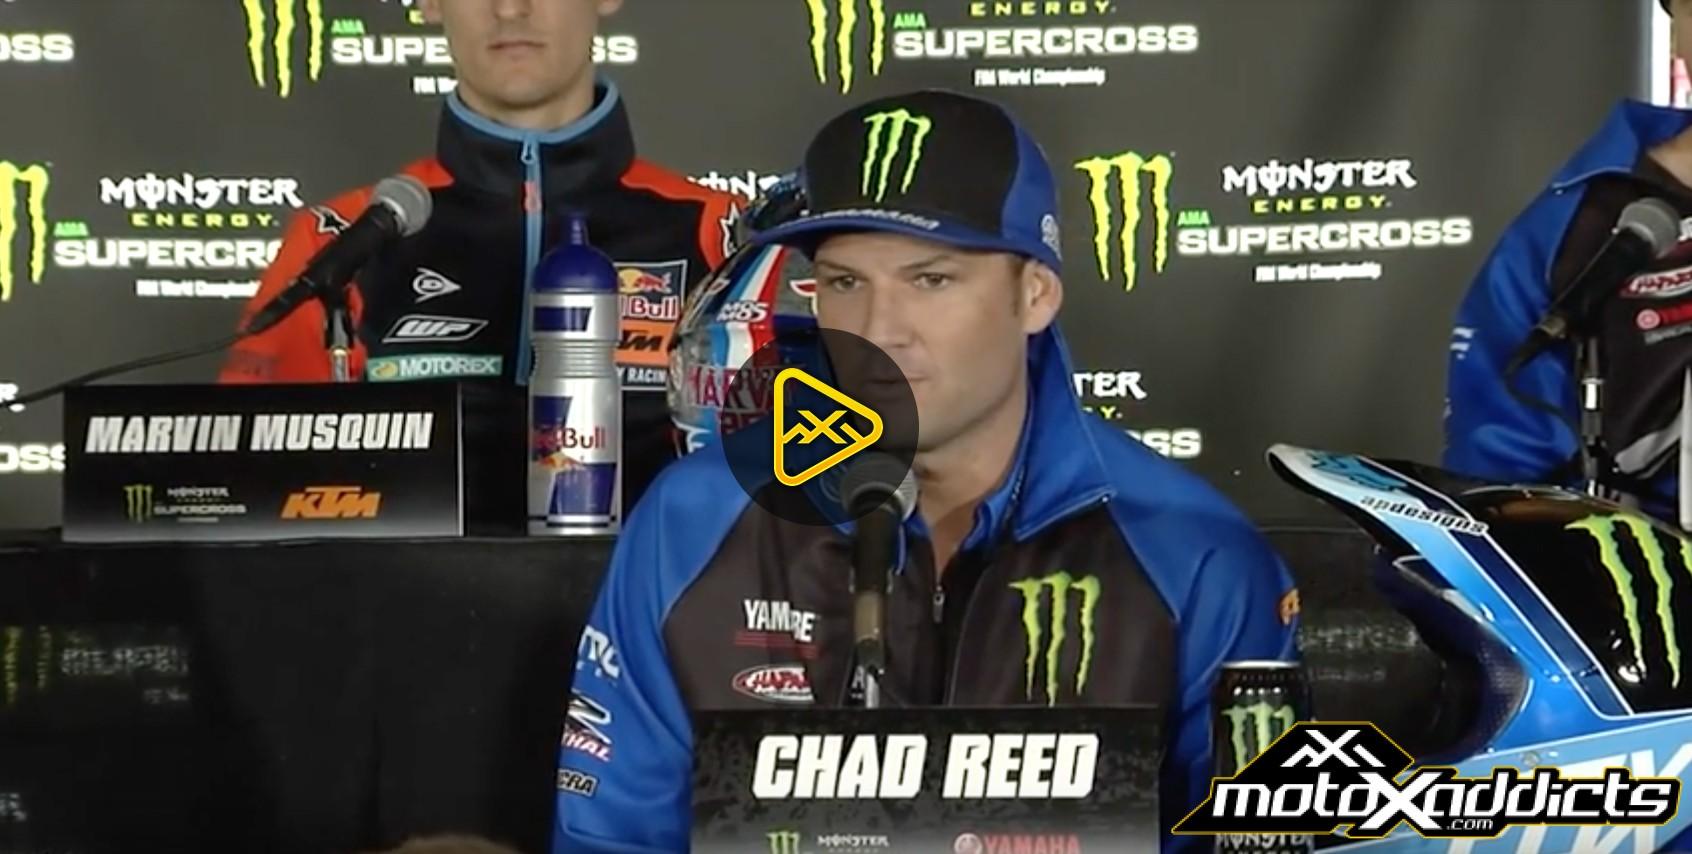 2017 Anaheim SX – Chad Reed talks about James Stewart